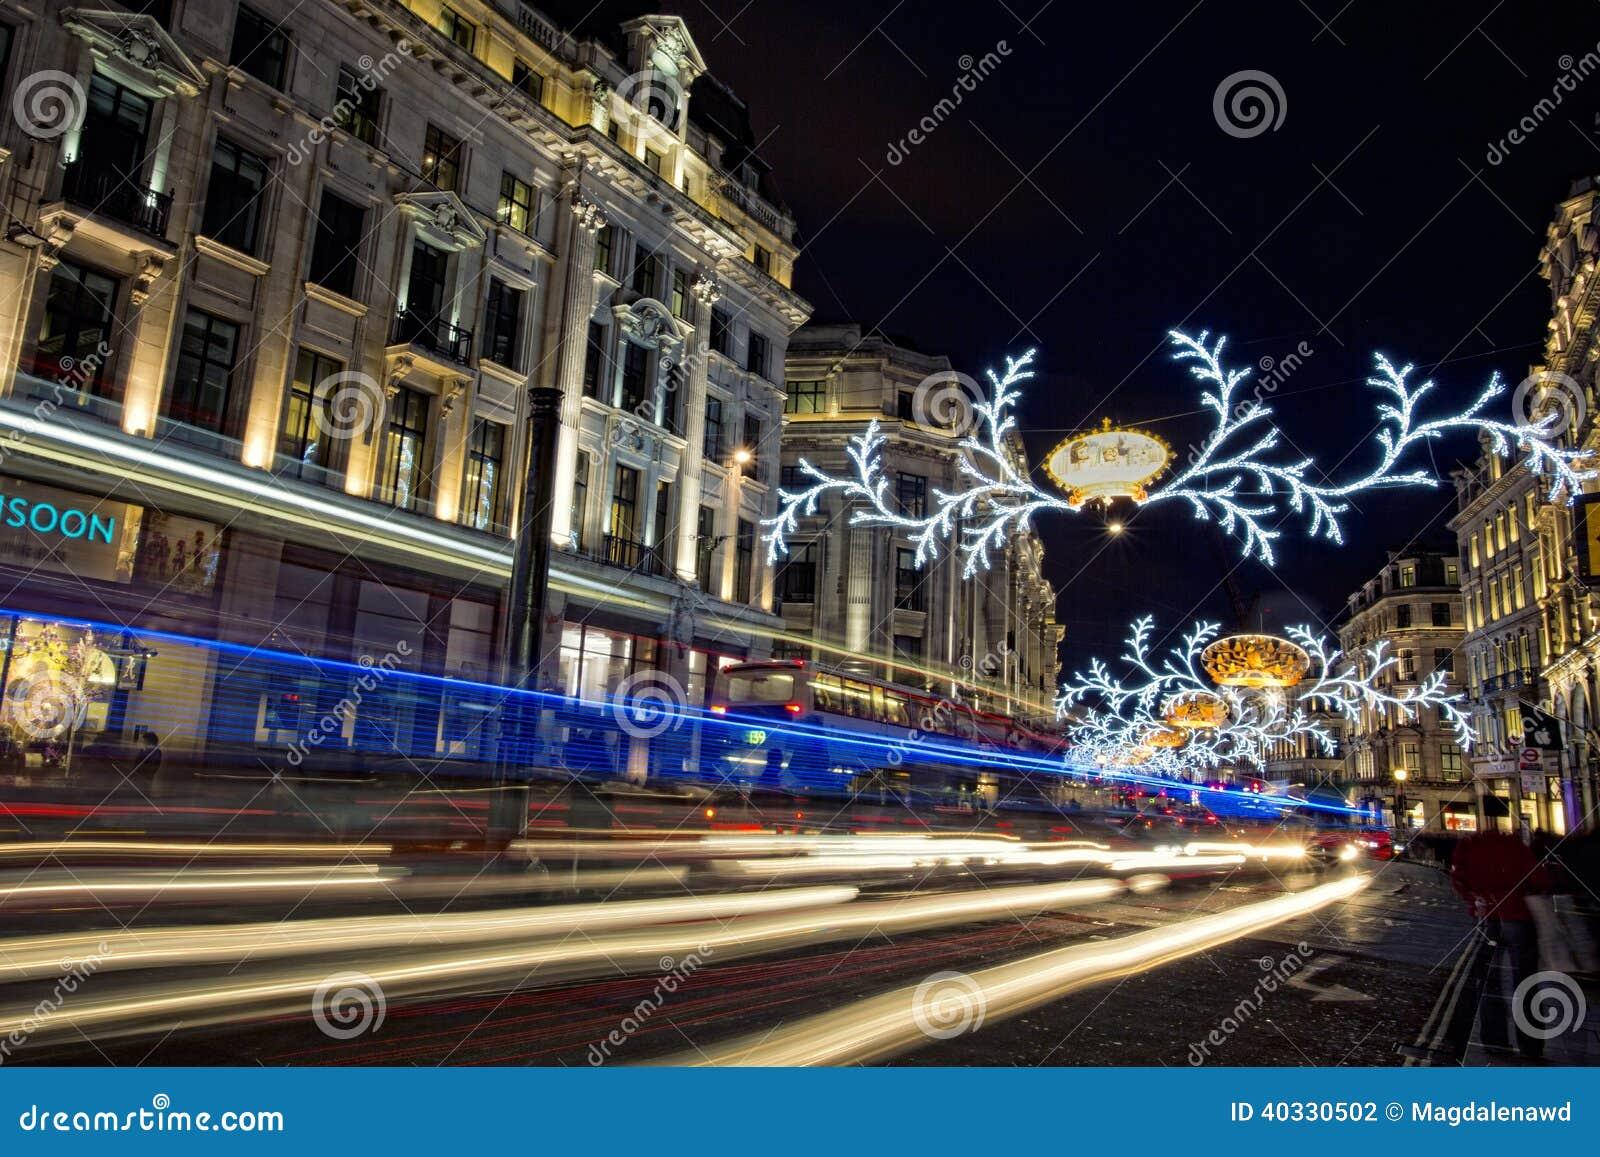 #24346E Londres Avant Noël Photographie éditorial Image: 40330502 5317 decorations de noel a londres 1300x957 px @ aertt.com